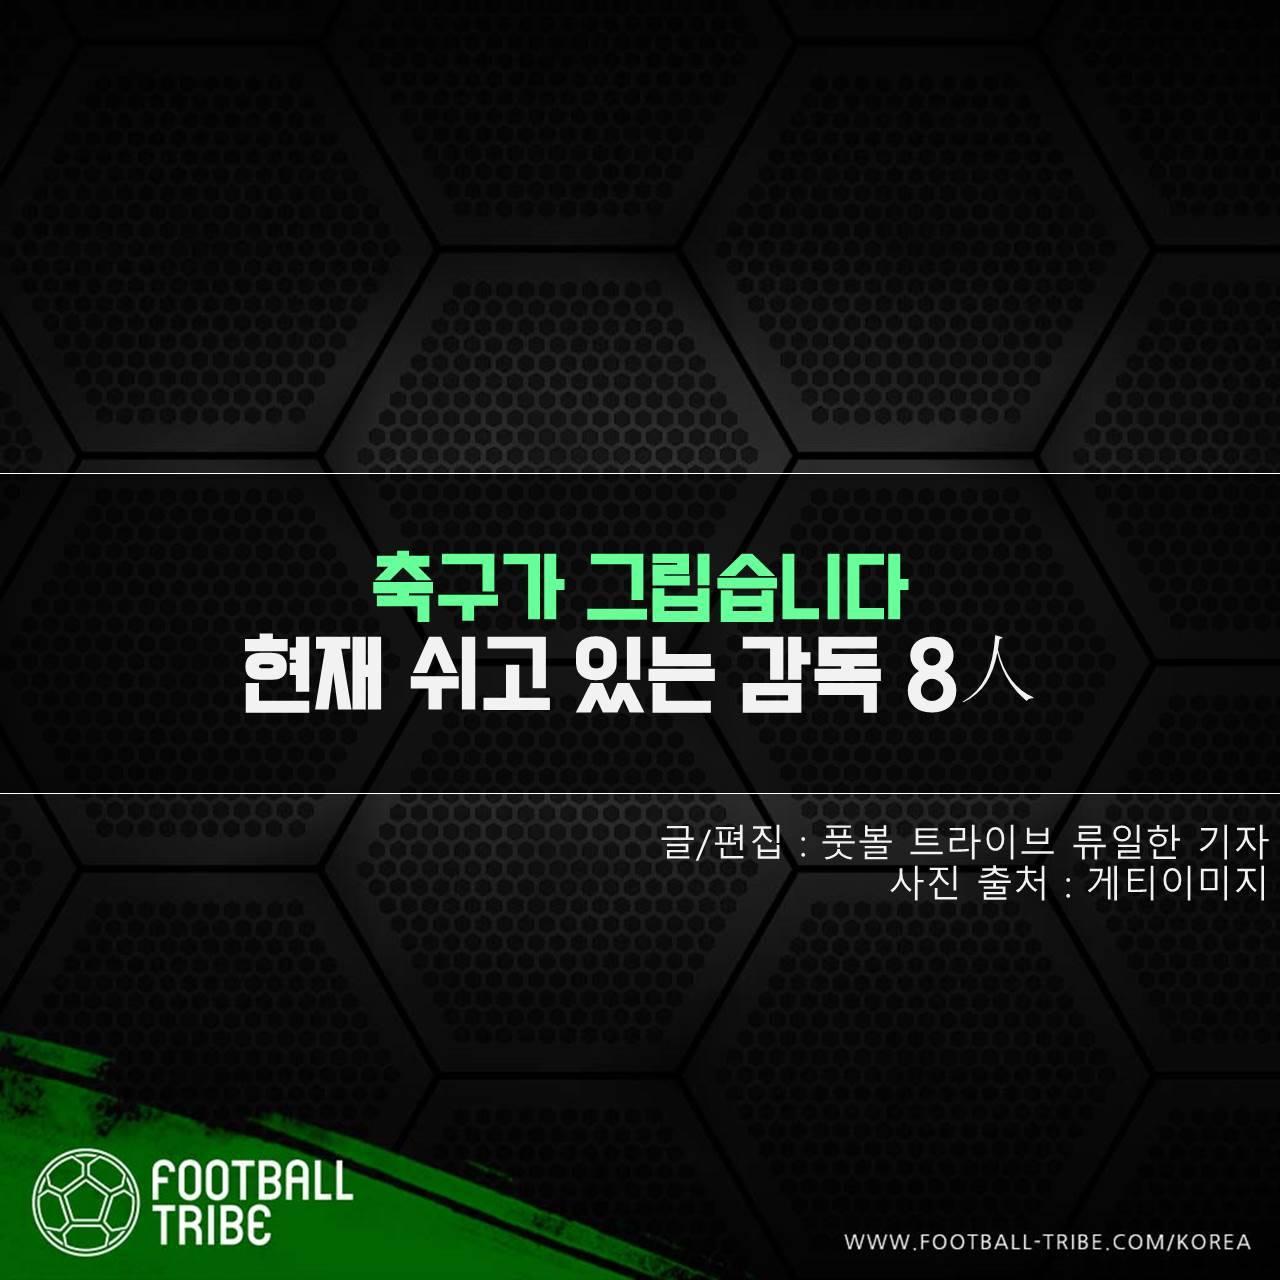 [카드 뉴스] '축구가 그립습니다' 현재 쉬고 있는 감독 8人